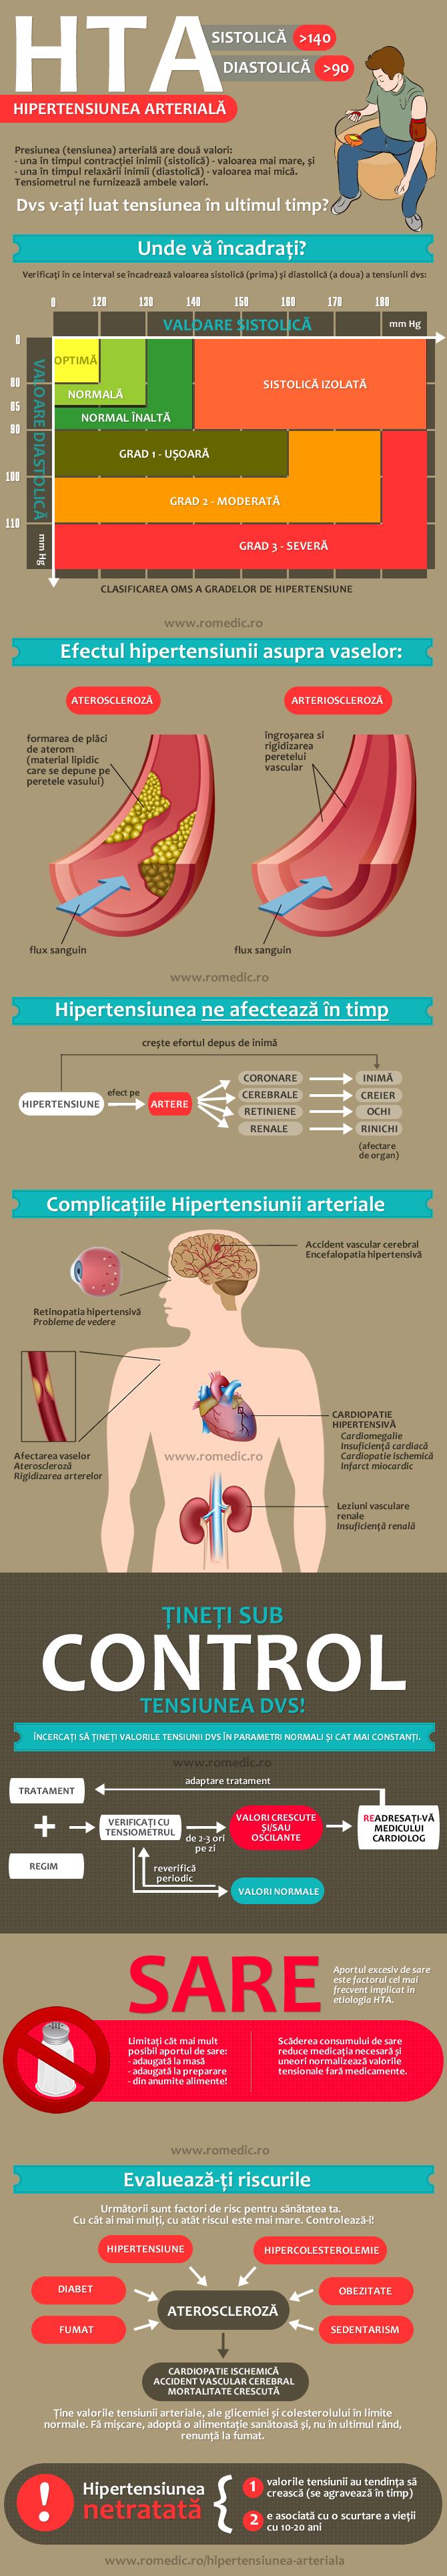 scădere în greutate și hipertensiune arterială intracraniană webb simpson pierde în greutate